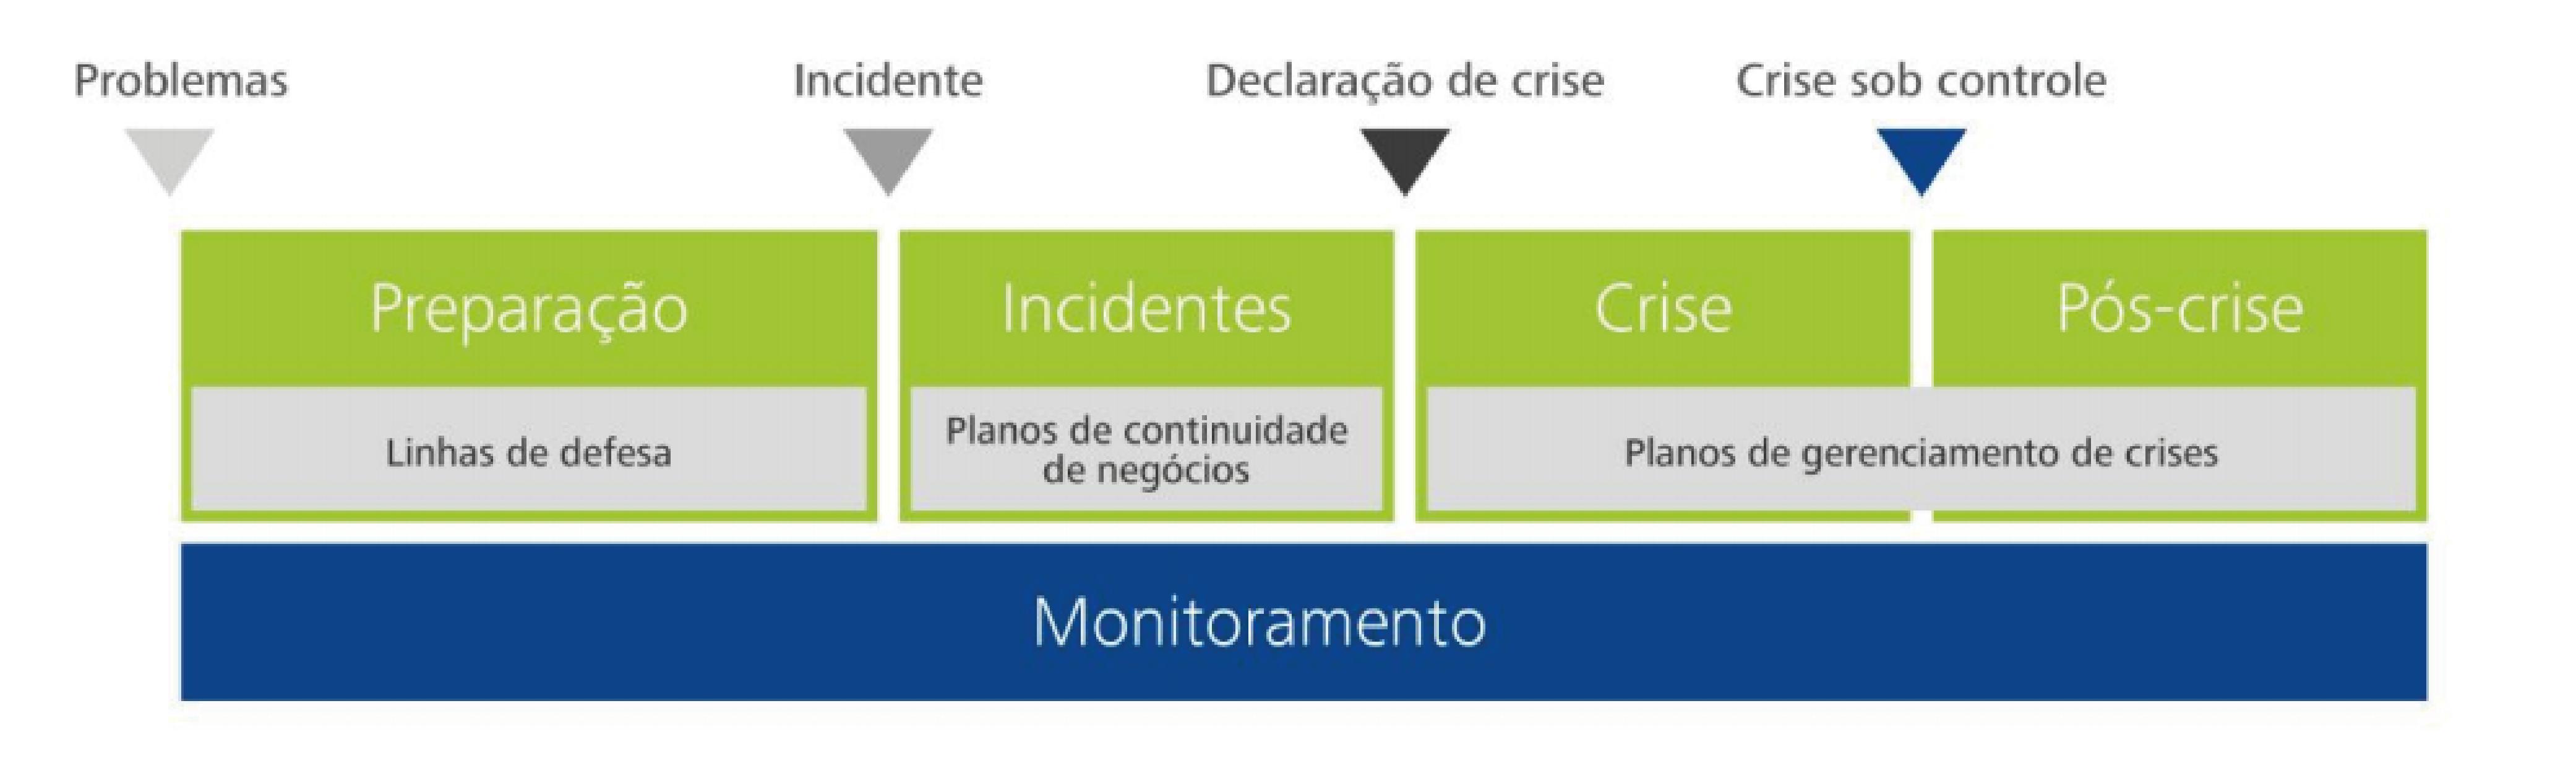 modelo-de-gestao-da-crise-blog-da-qualidade